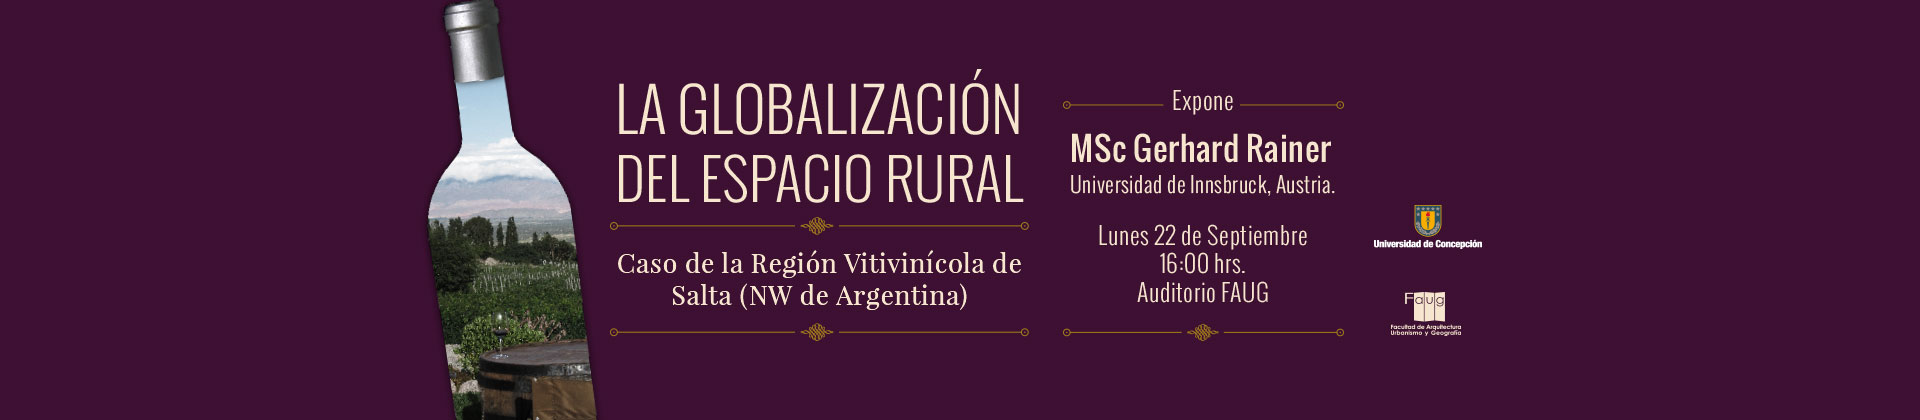 globalizacion-del-espacio-rural2